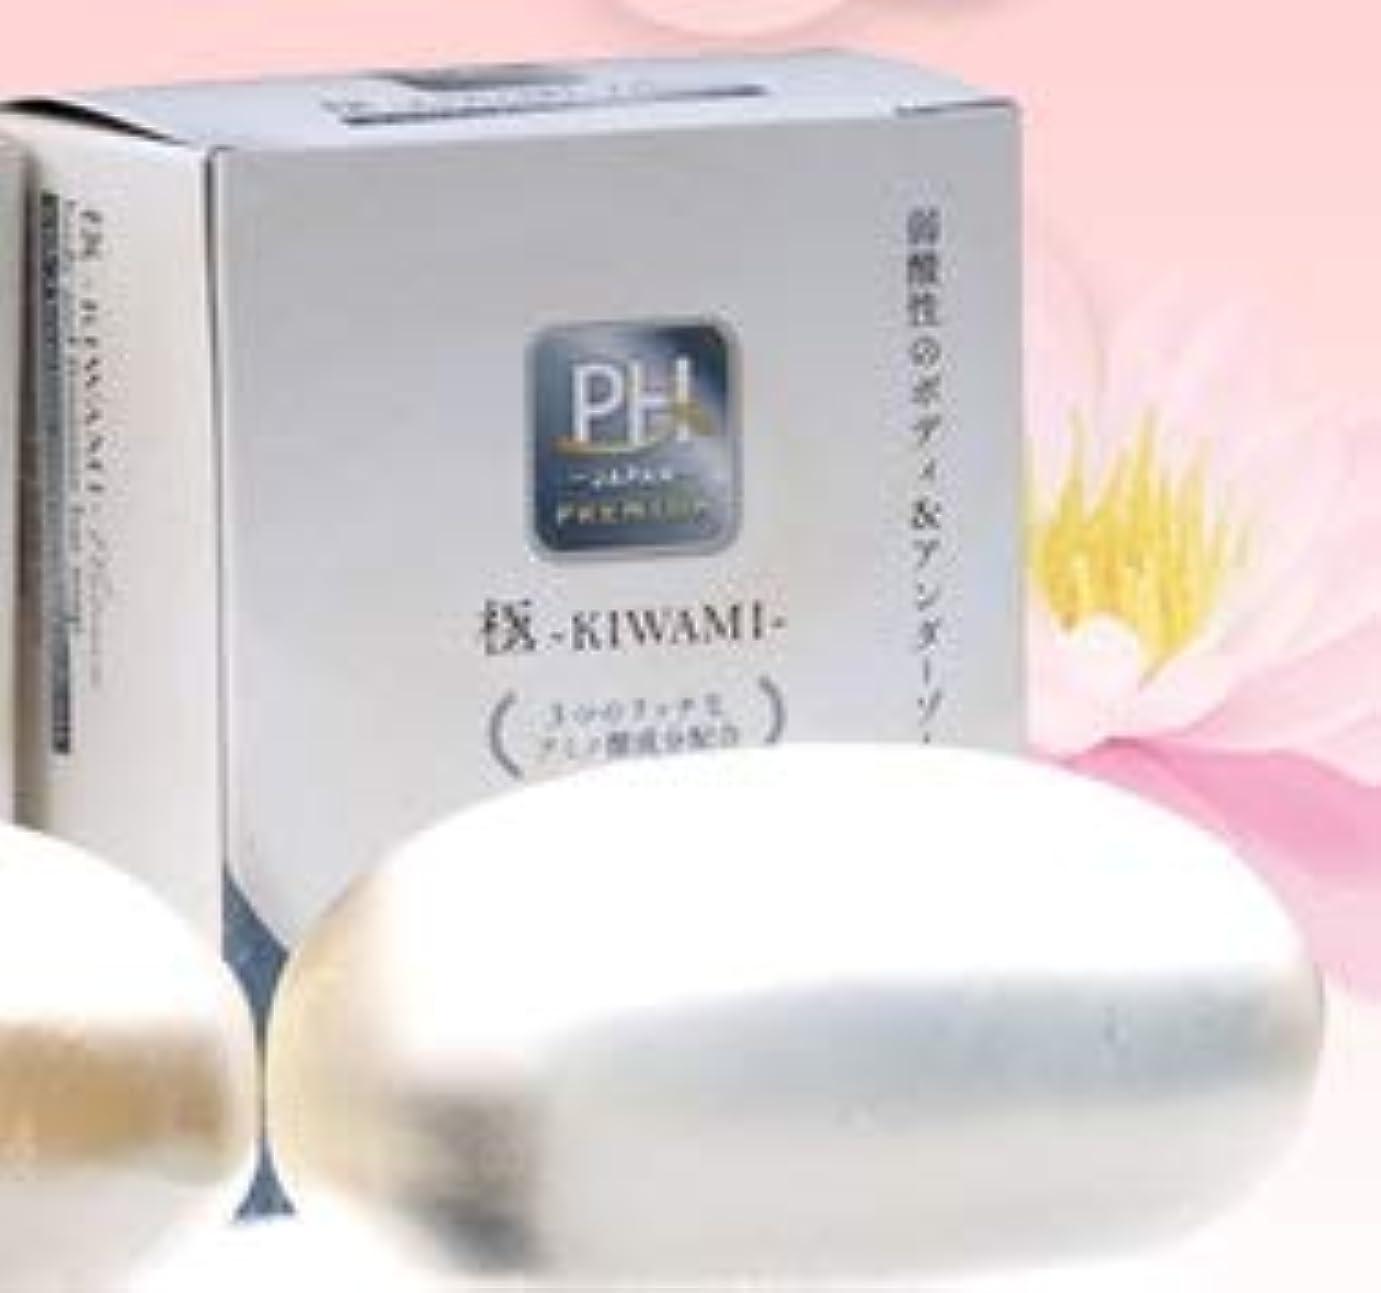 定刻膨張する天窓弱酸性アミノ酸 透明固形石けん 極-KIWAMI-プラチナ